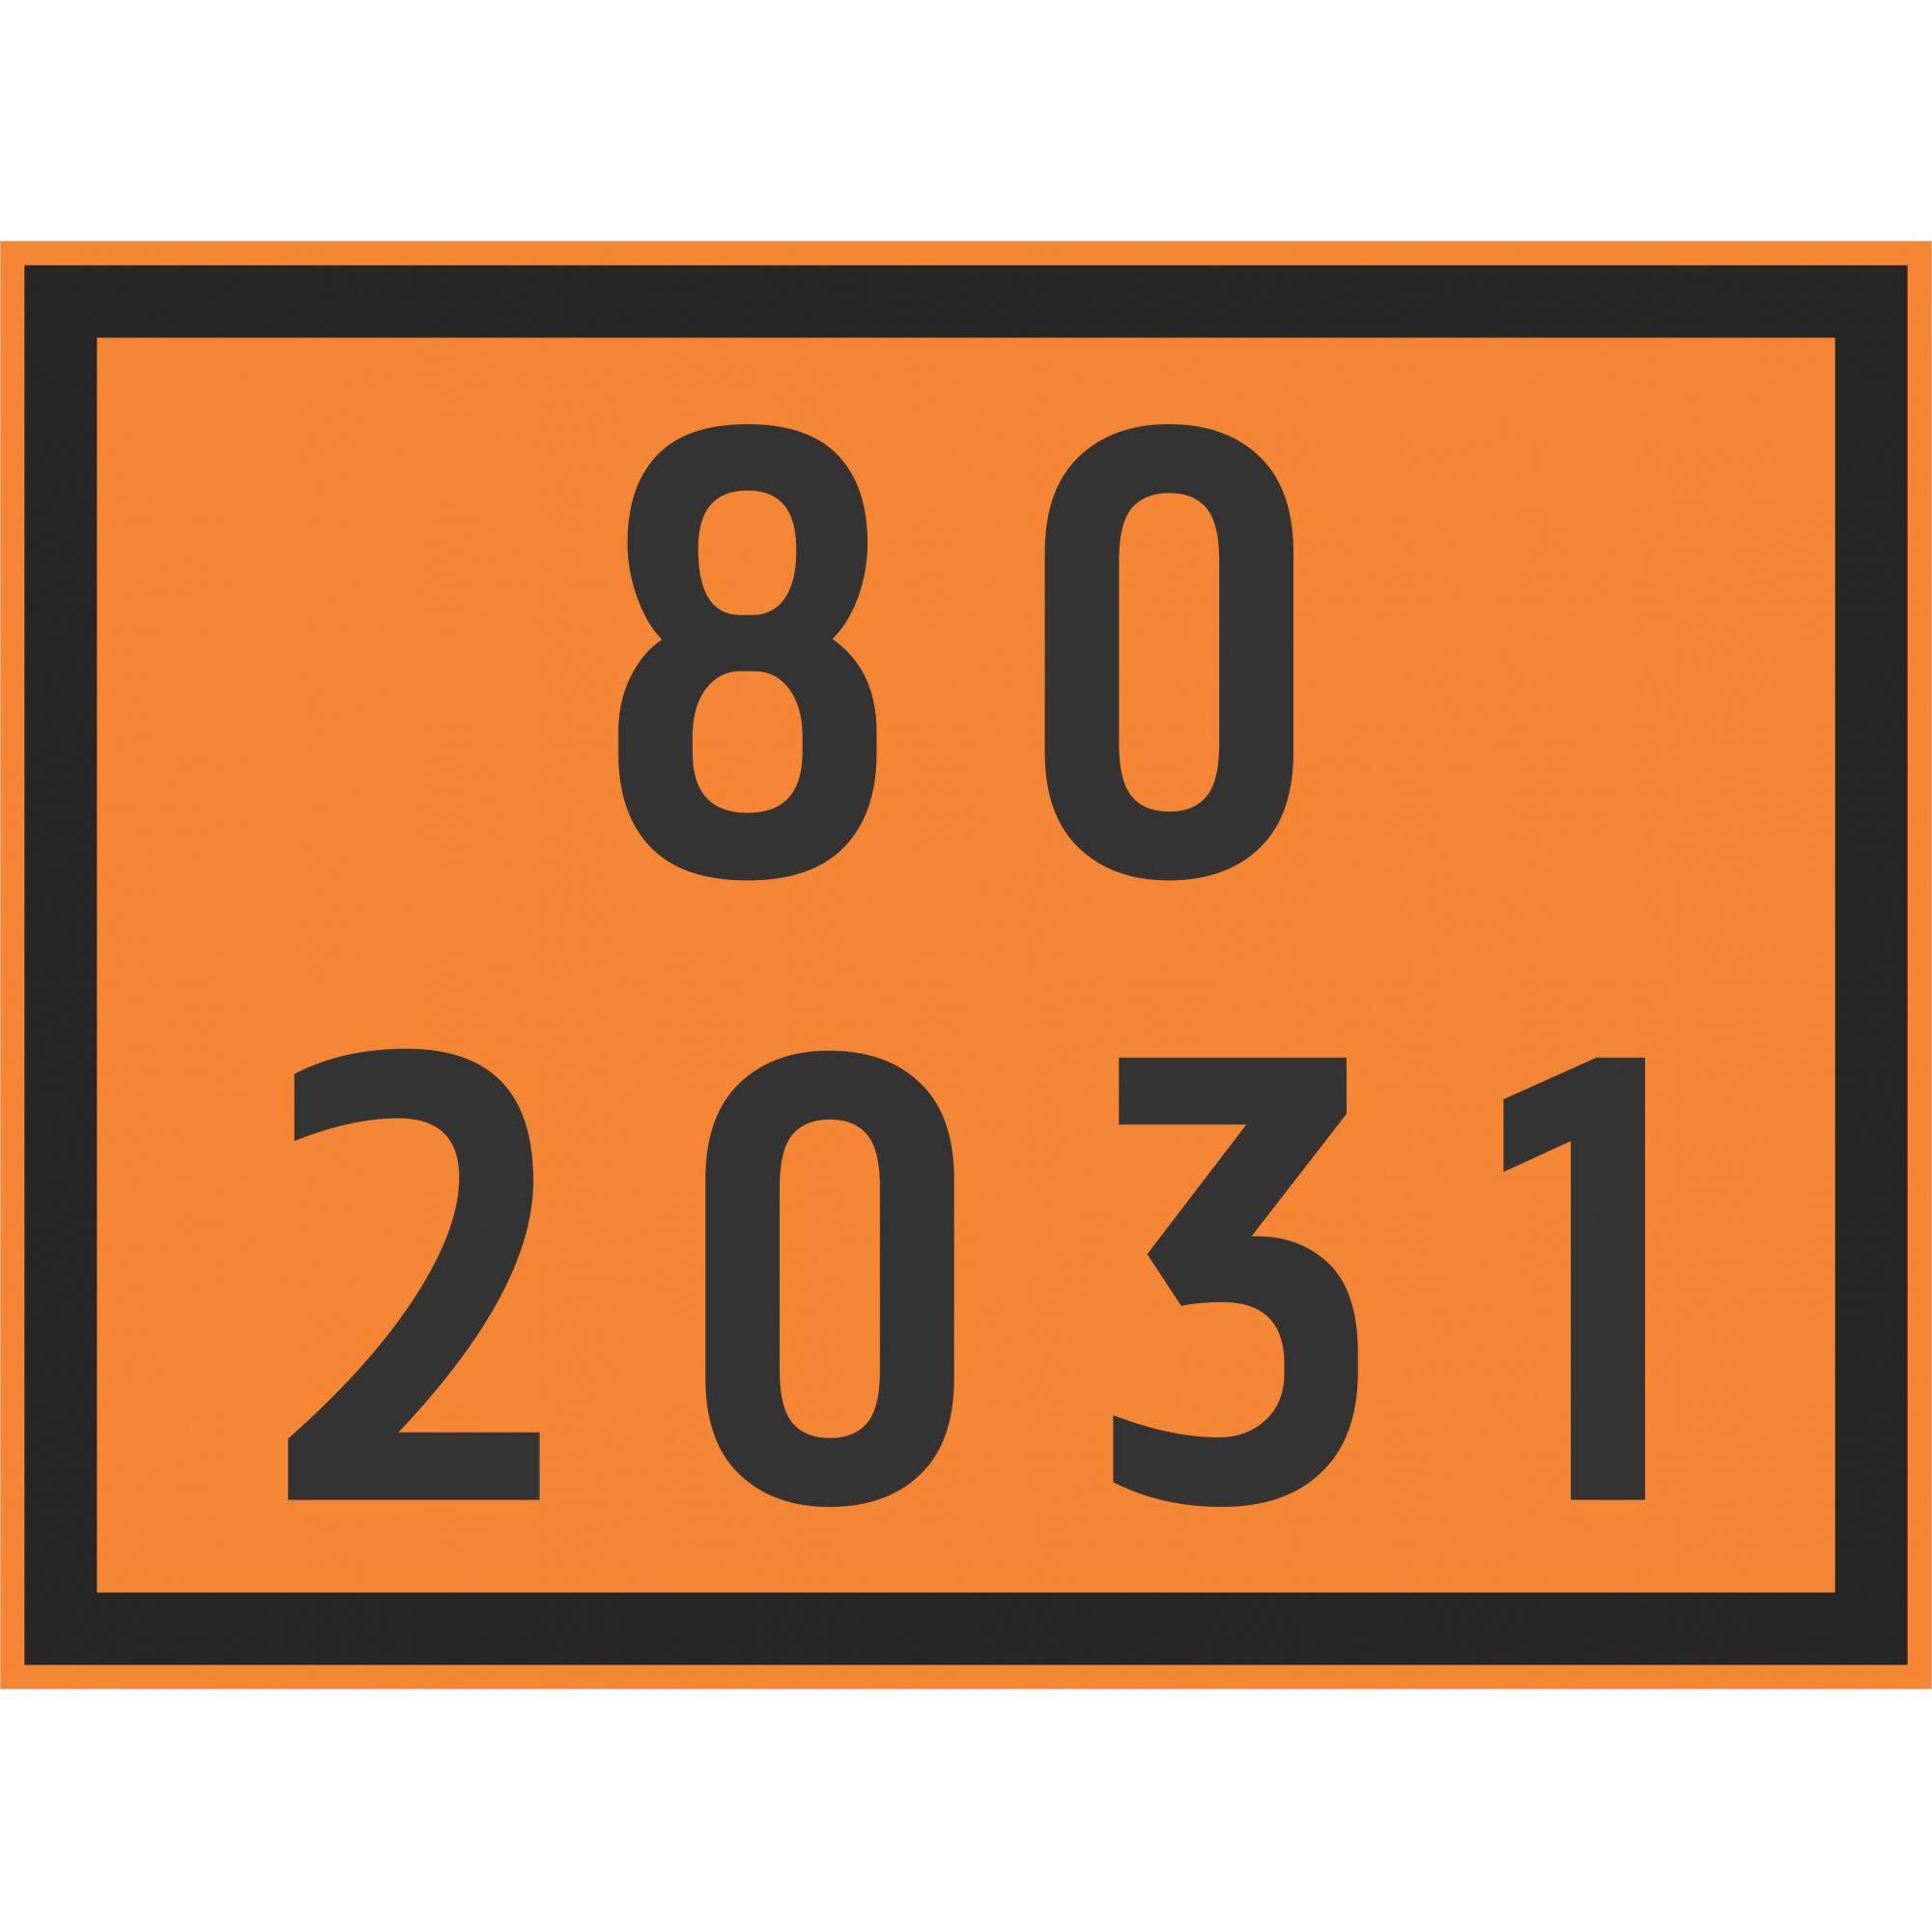 ÁCIDO NÍTRICO 2031  - Towbar Sinalização de Segurança